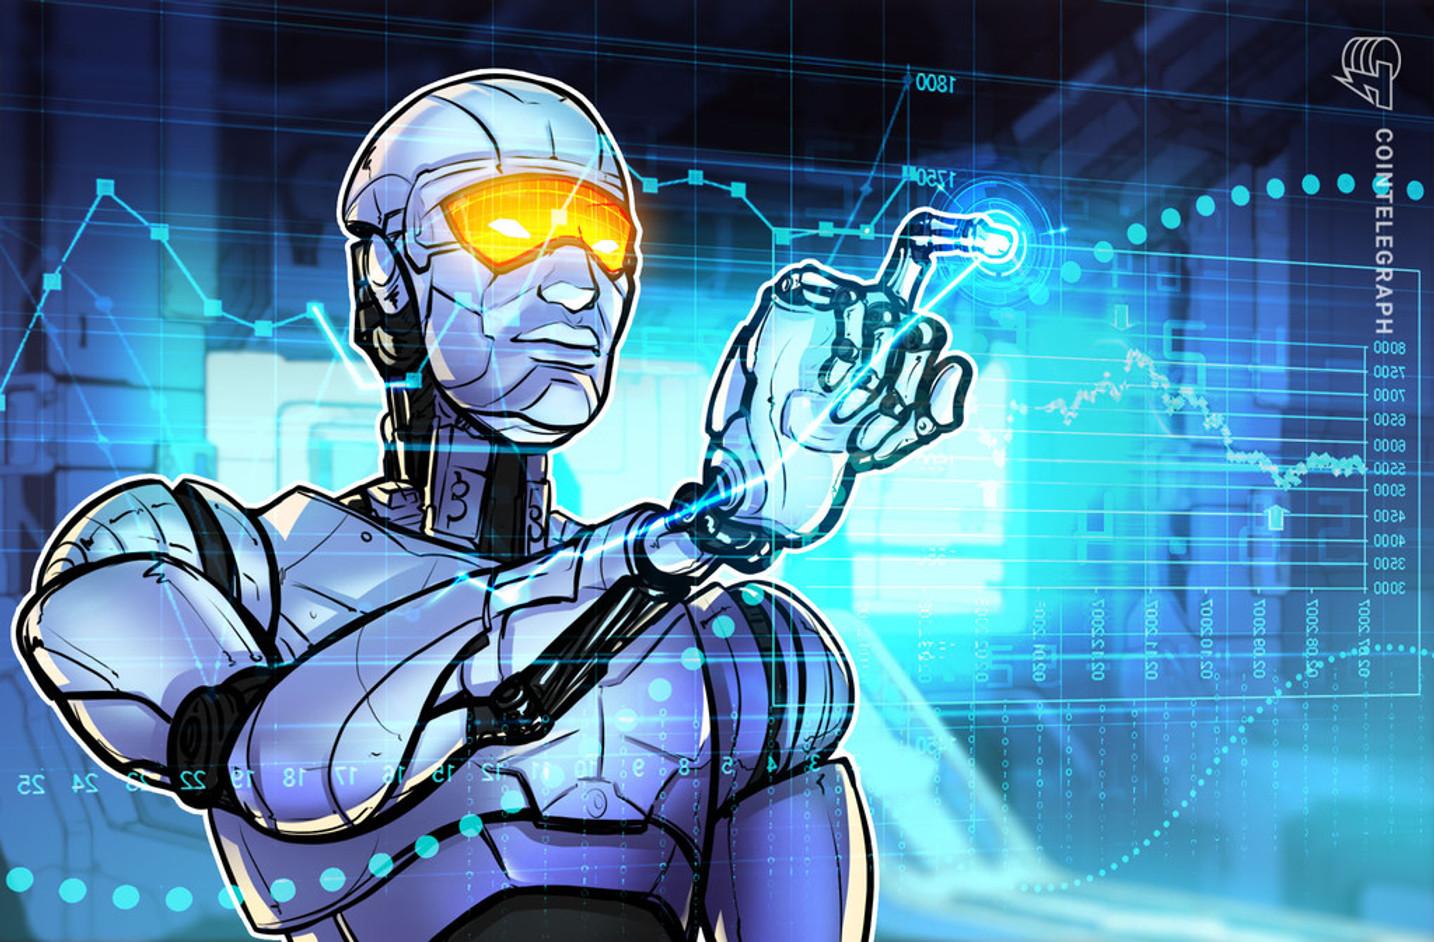 Xcapit lanza nuevo perfil de algoritmo de trading